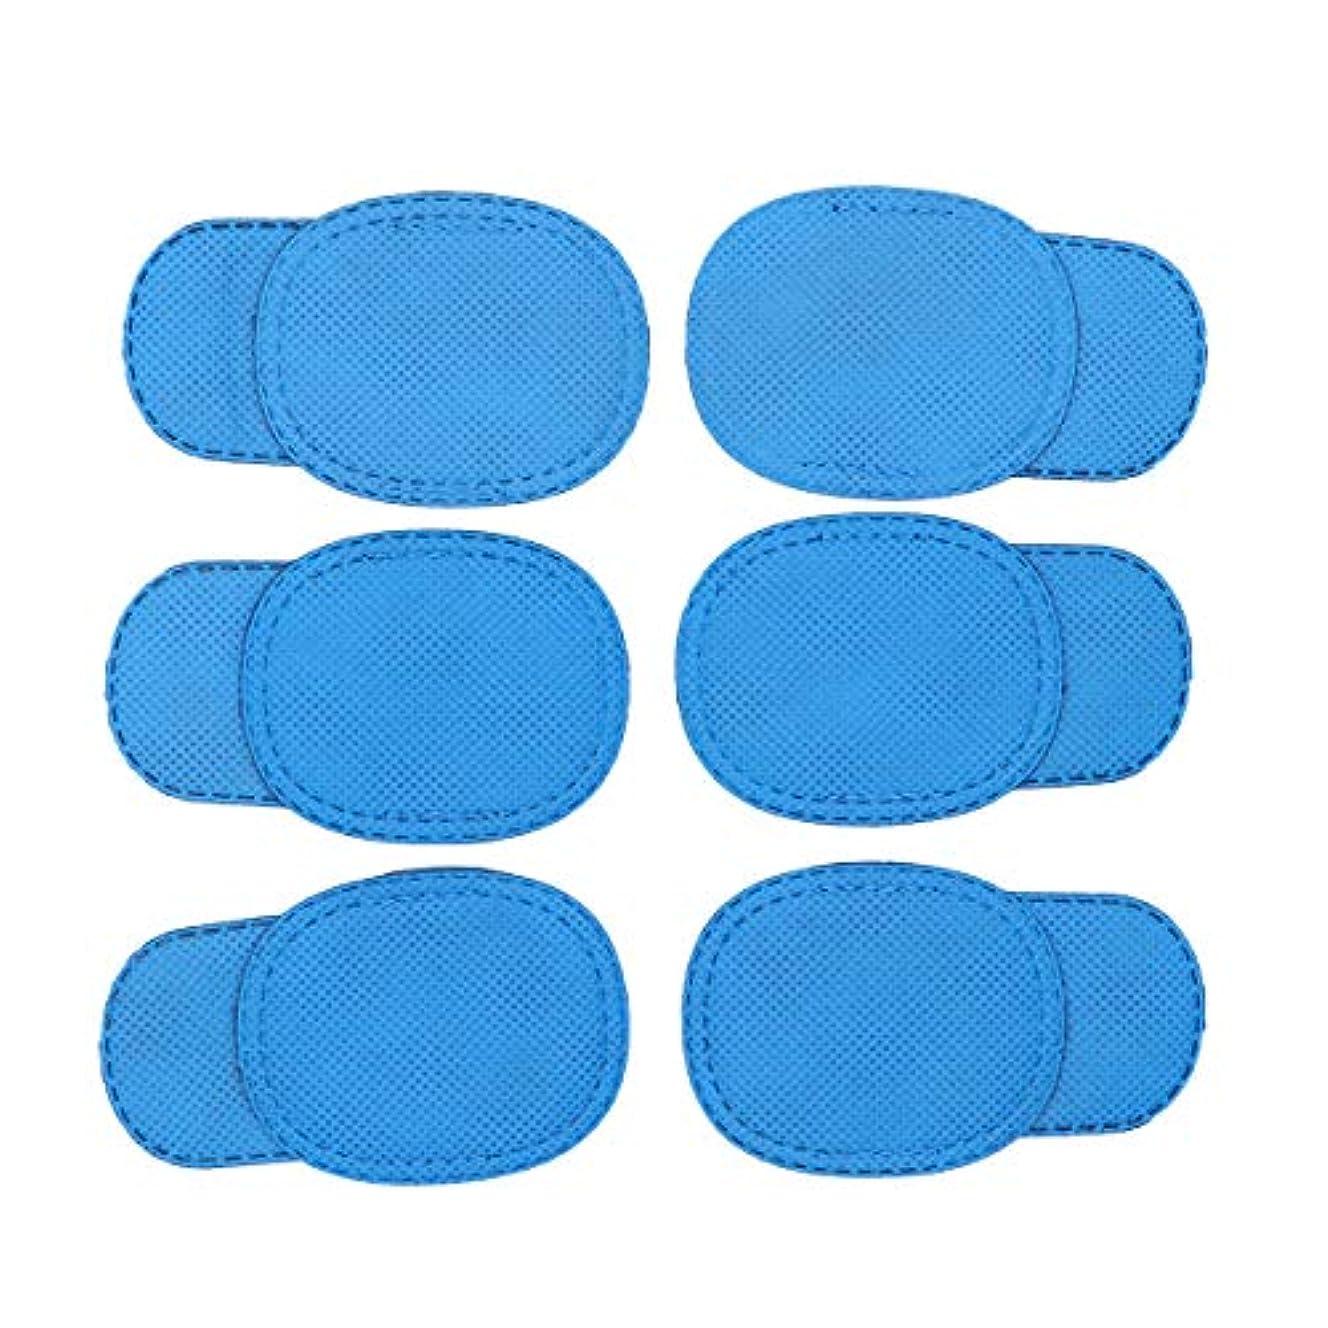 垂直近代化軽蔑Healifty メガネのための12個の弱視アイパッチは子供のための怠惰な目と斜視を扱います子供(ブルー)